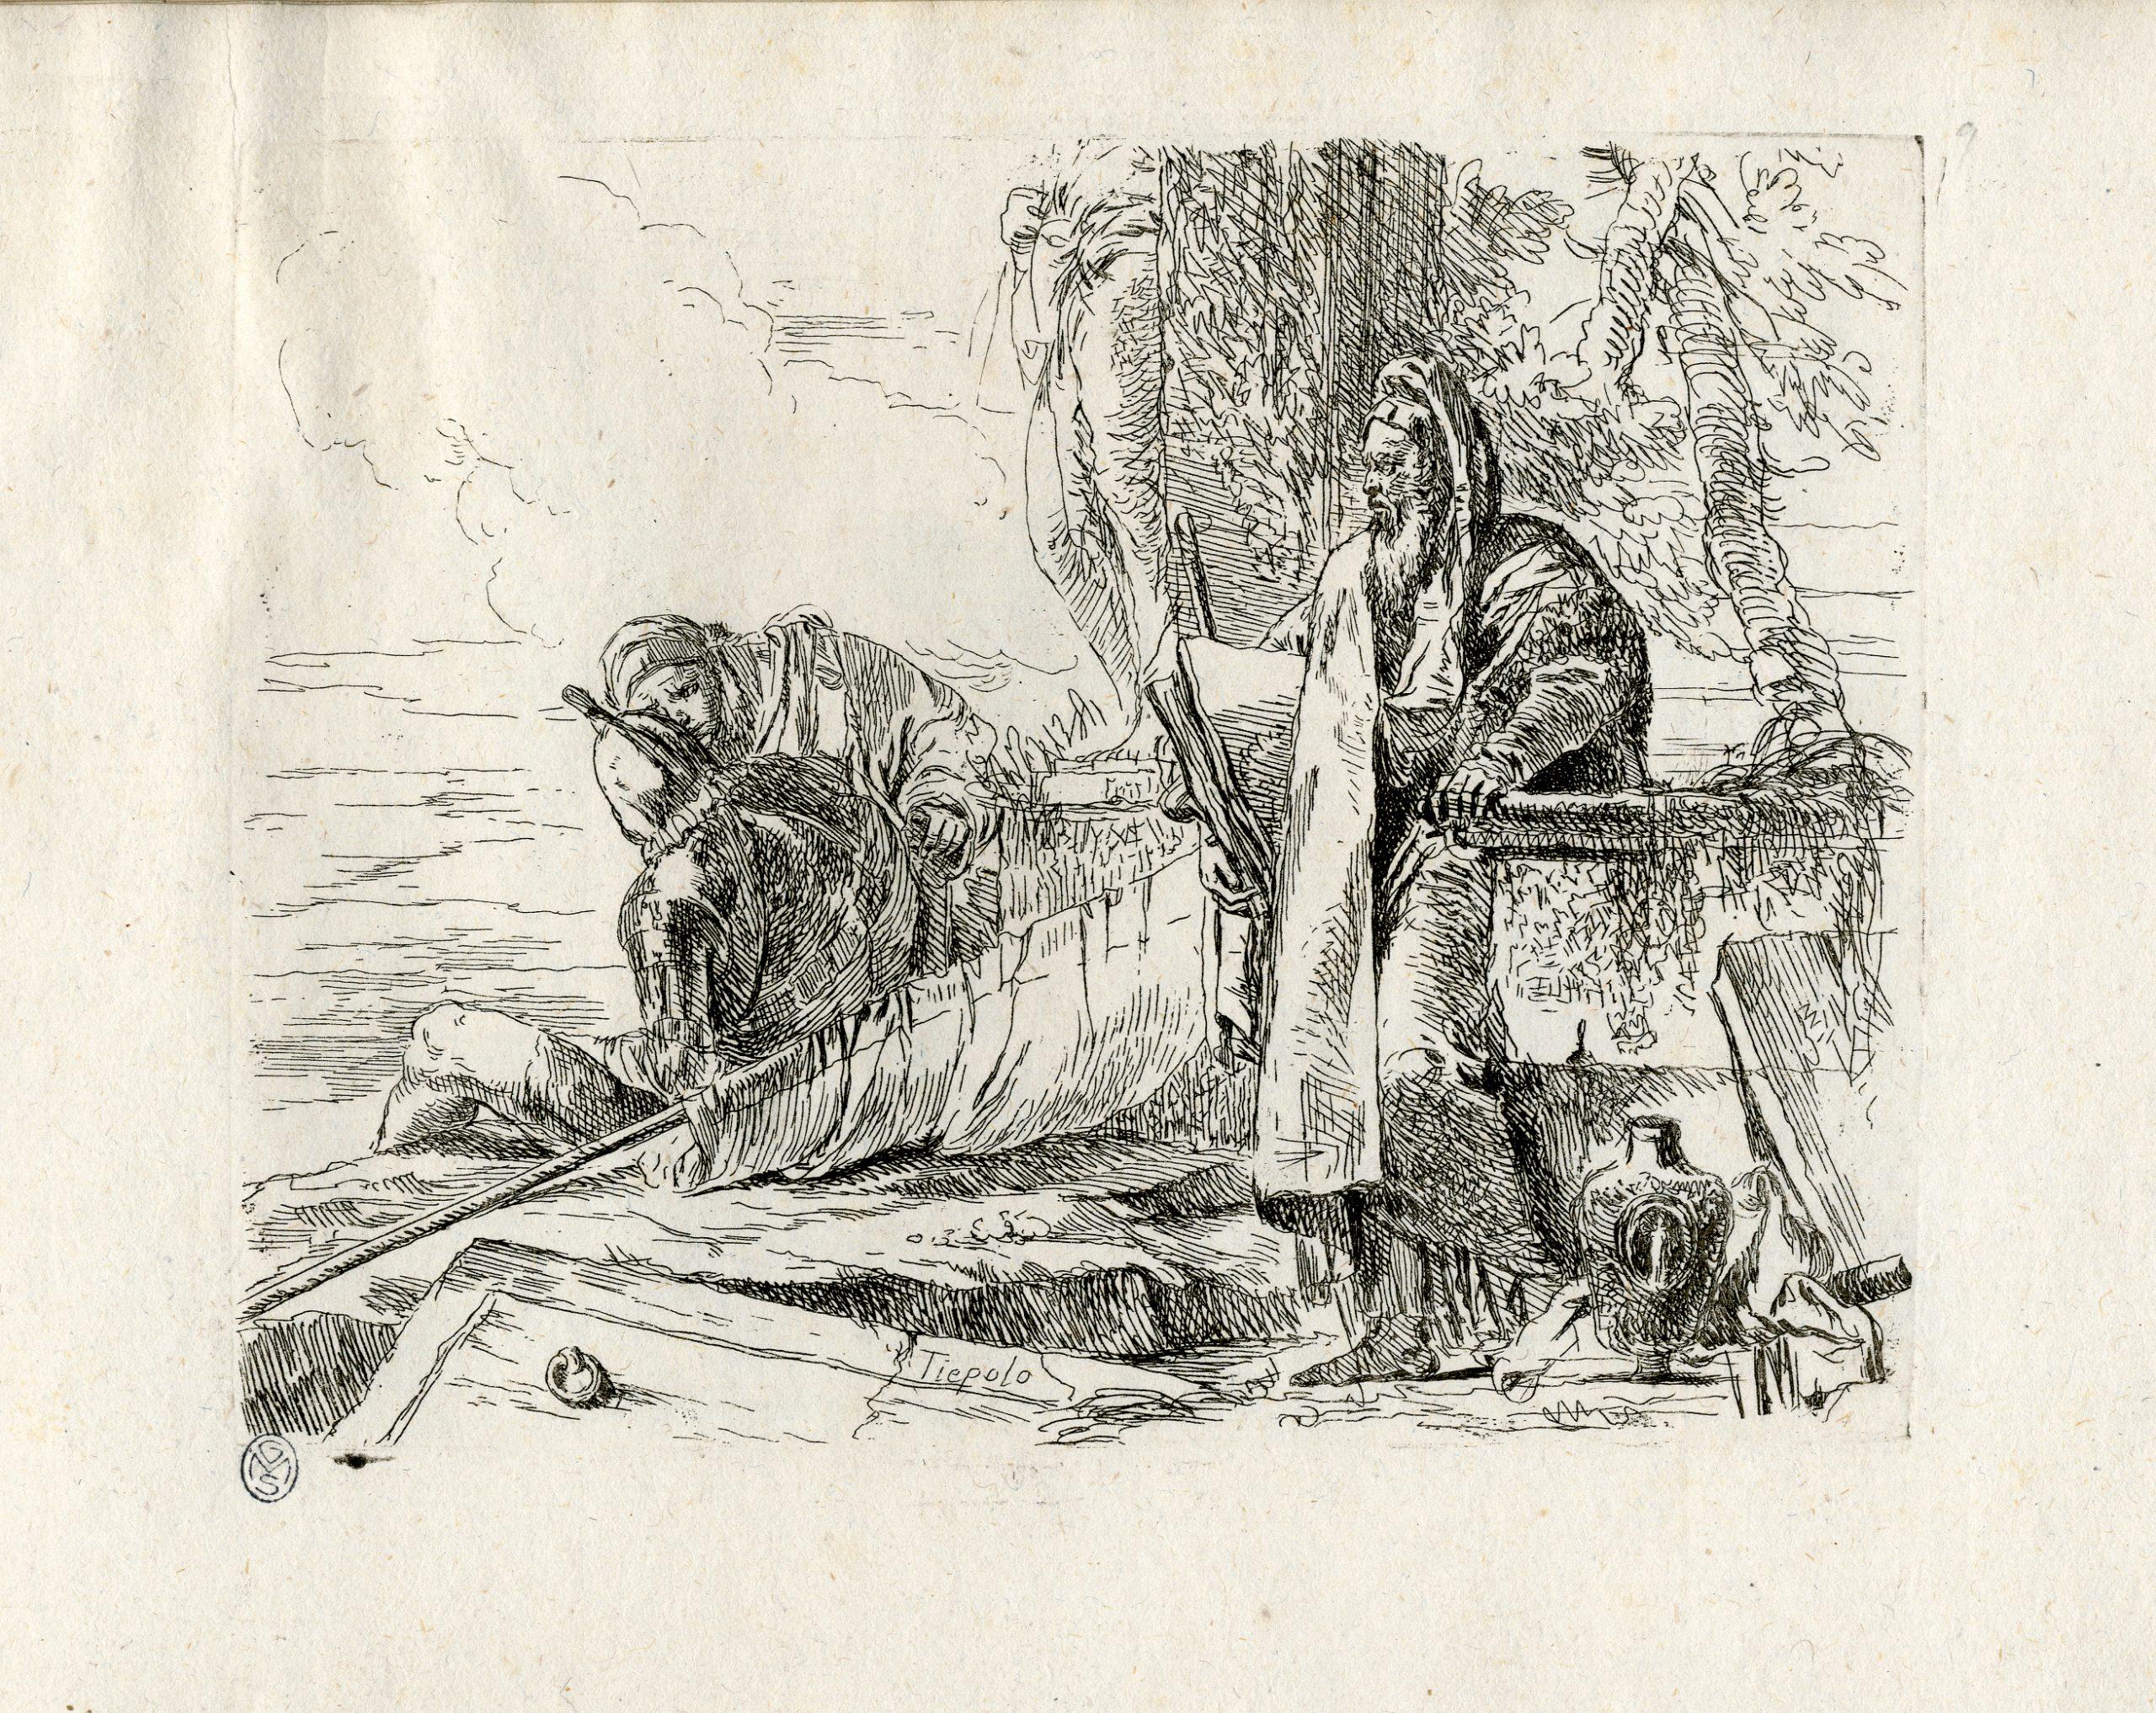 """Giambattista Tiepolo (Venezia, 1696 - Madrid, 1770) Capricci 1741-1742 (edizione postuma 1785) Acquaforte Milano, Castello Sforzesco Raccolta delle Stampe """"Achille Bertarelli"""", Albo D 243, tav. 9"""